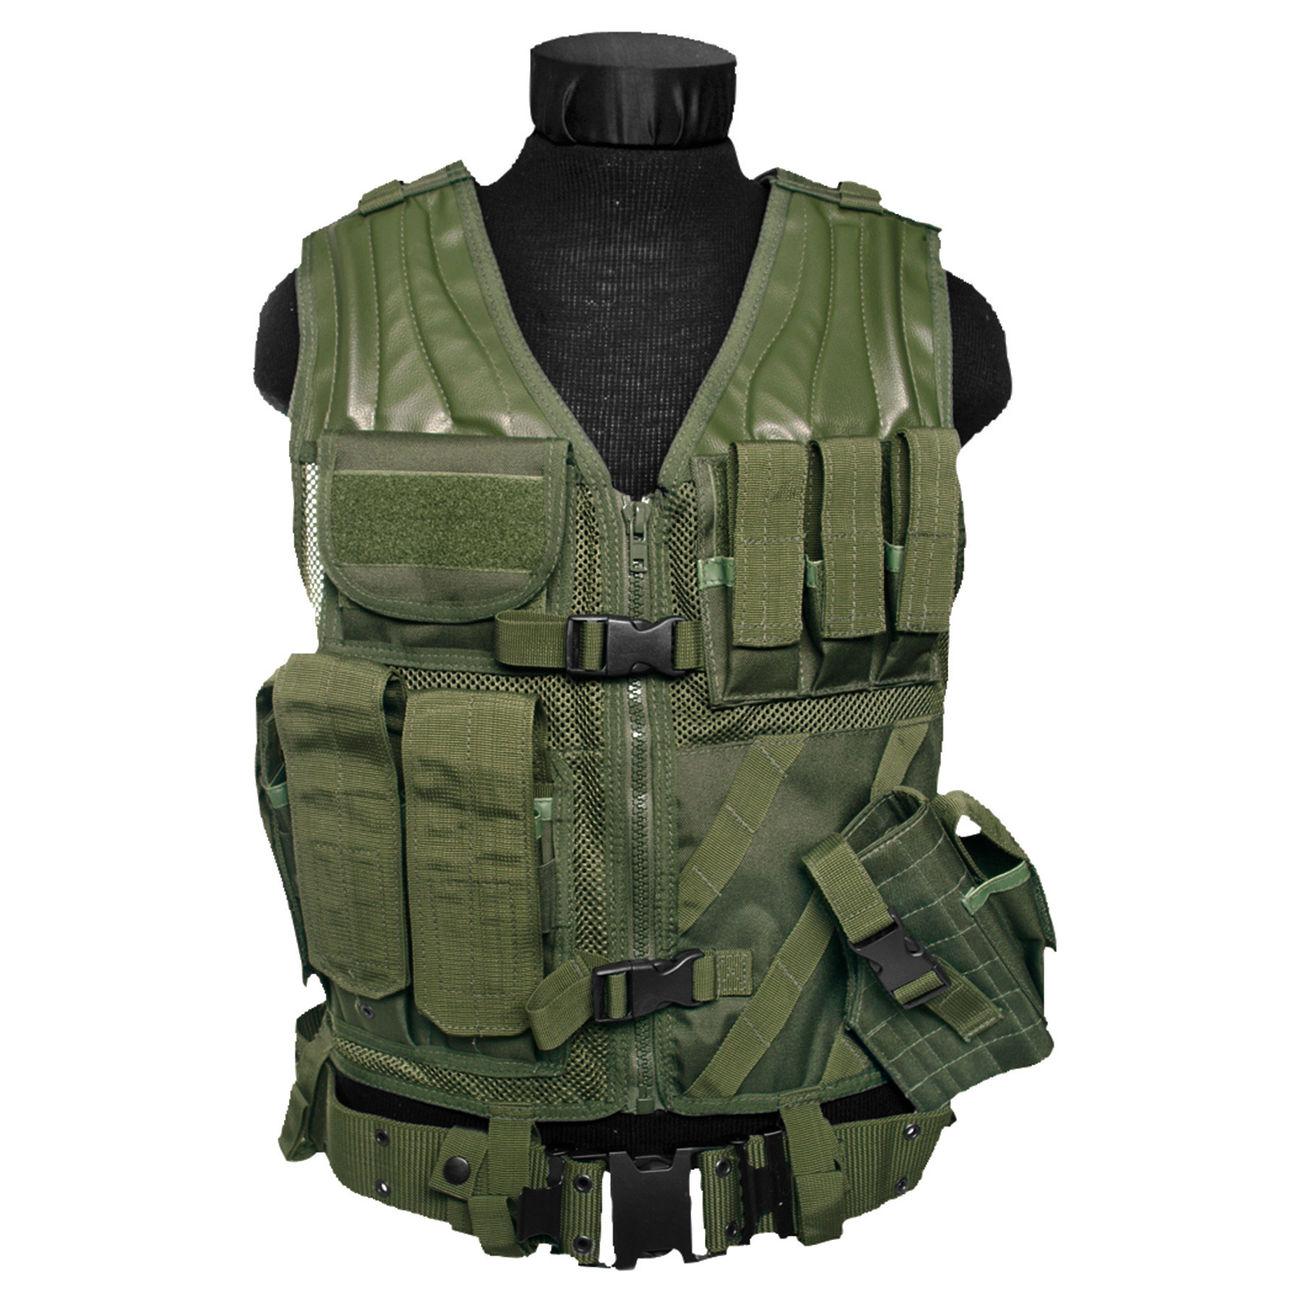 NEU US Einsatzweste mit RELEASE BW Tactical Weste Bundeswehr Modular Schutzweste